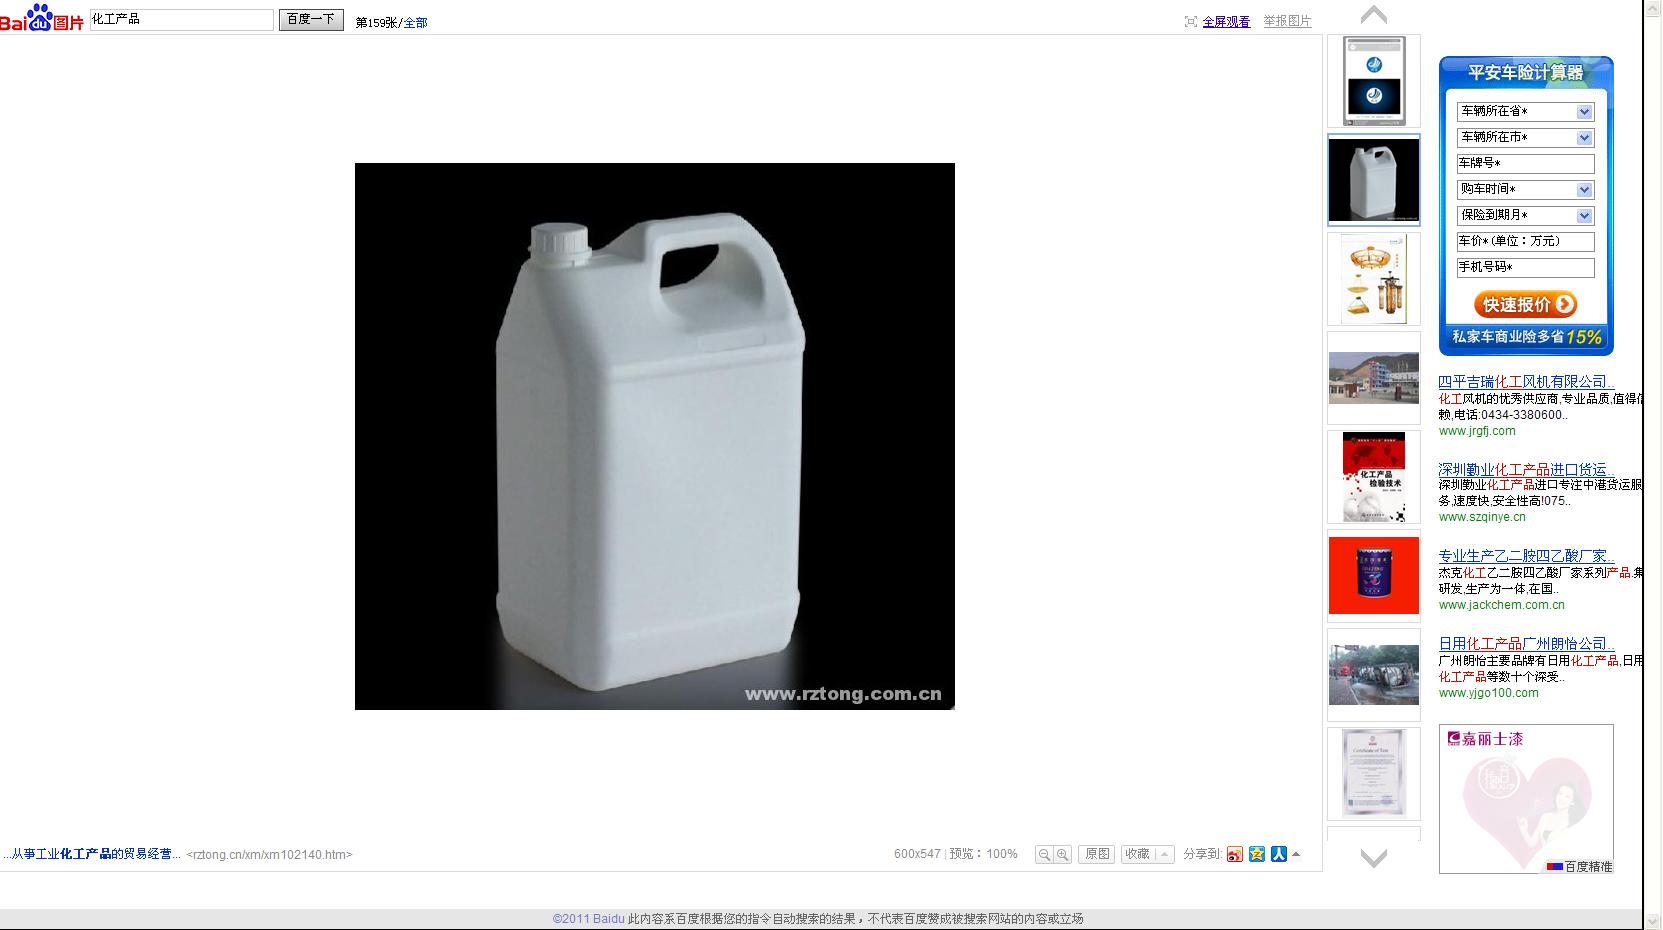 橡胶除味剂,天然胶乳的需要